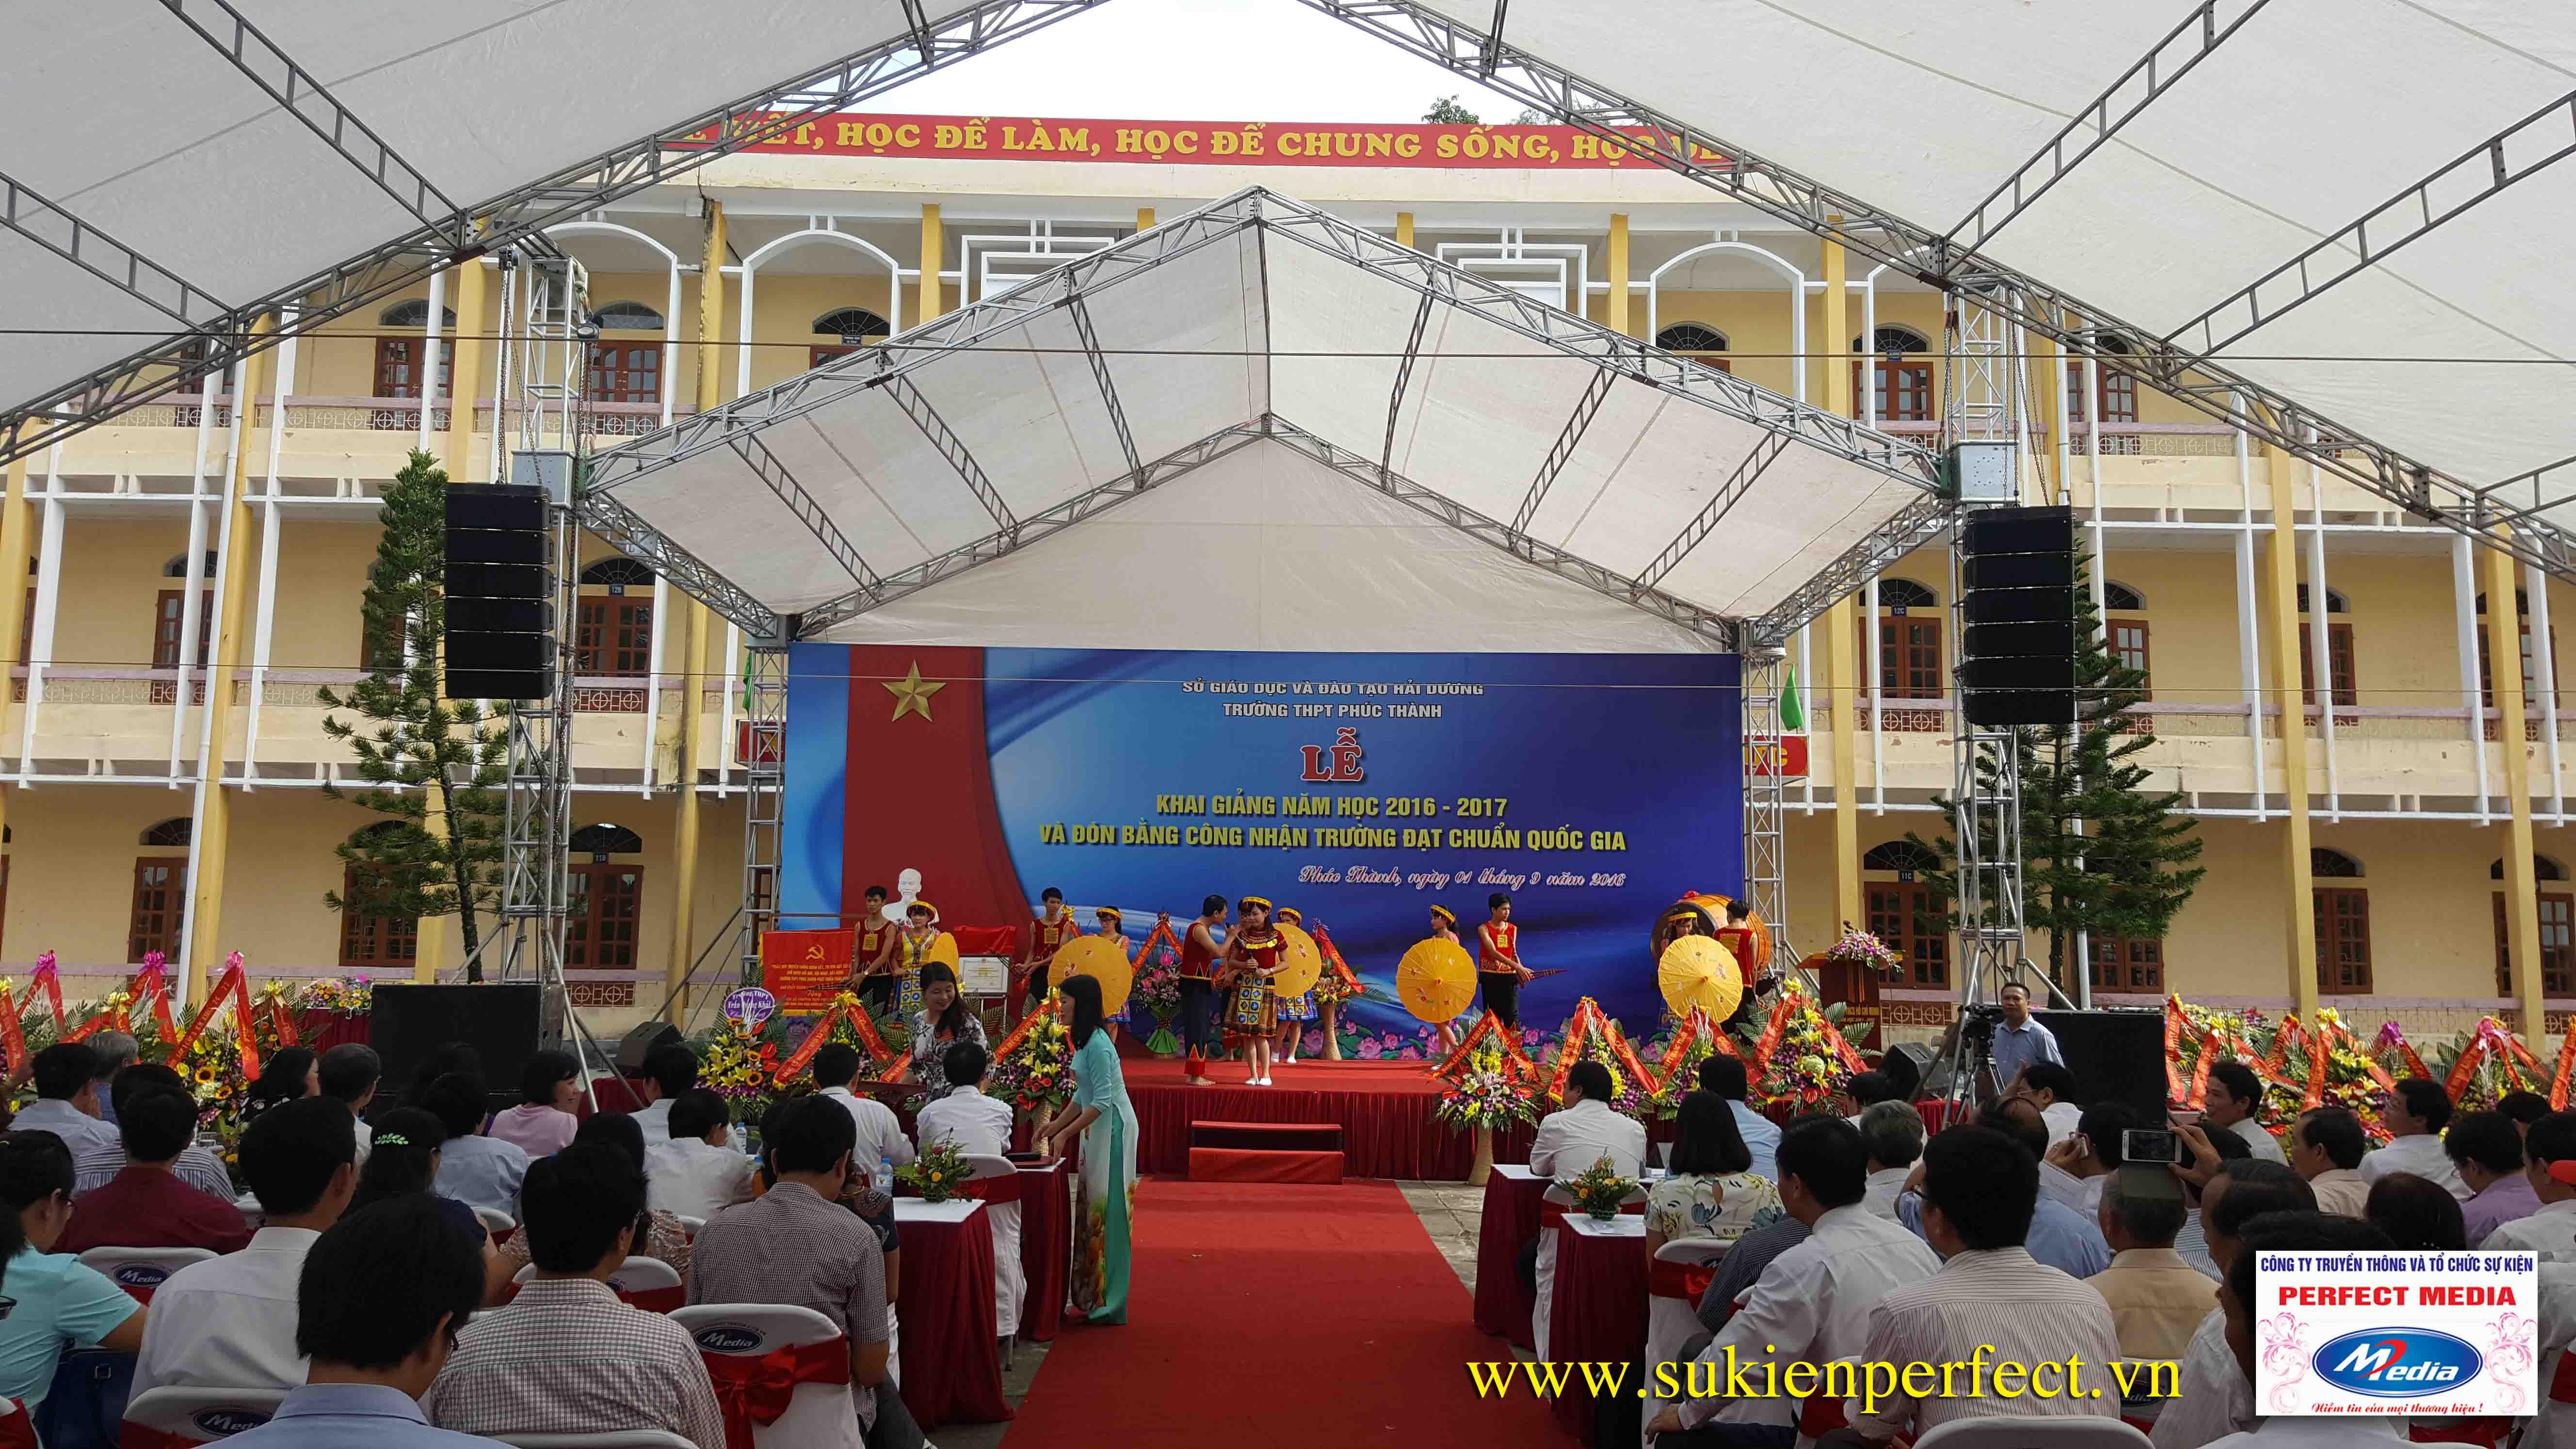 Hình ảnh trong buổi lễ THPT Phúc Thành đón chuẩn Quốc gia 10